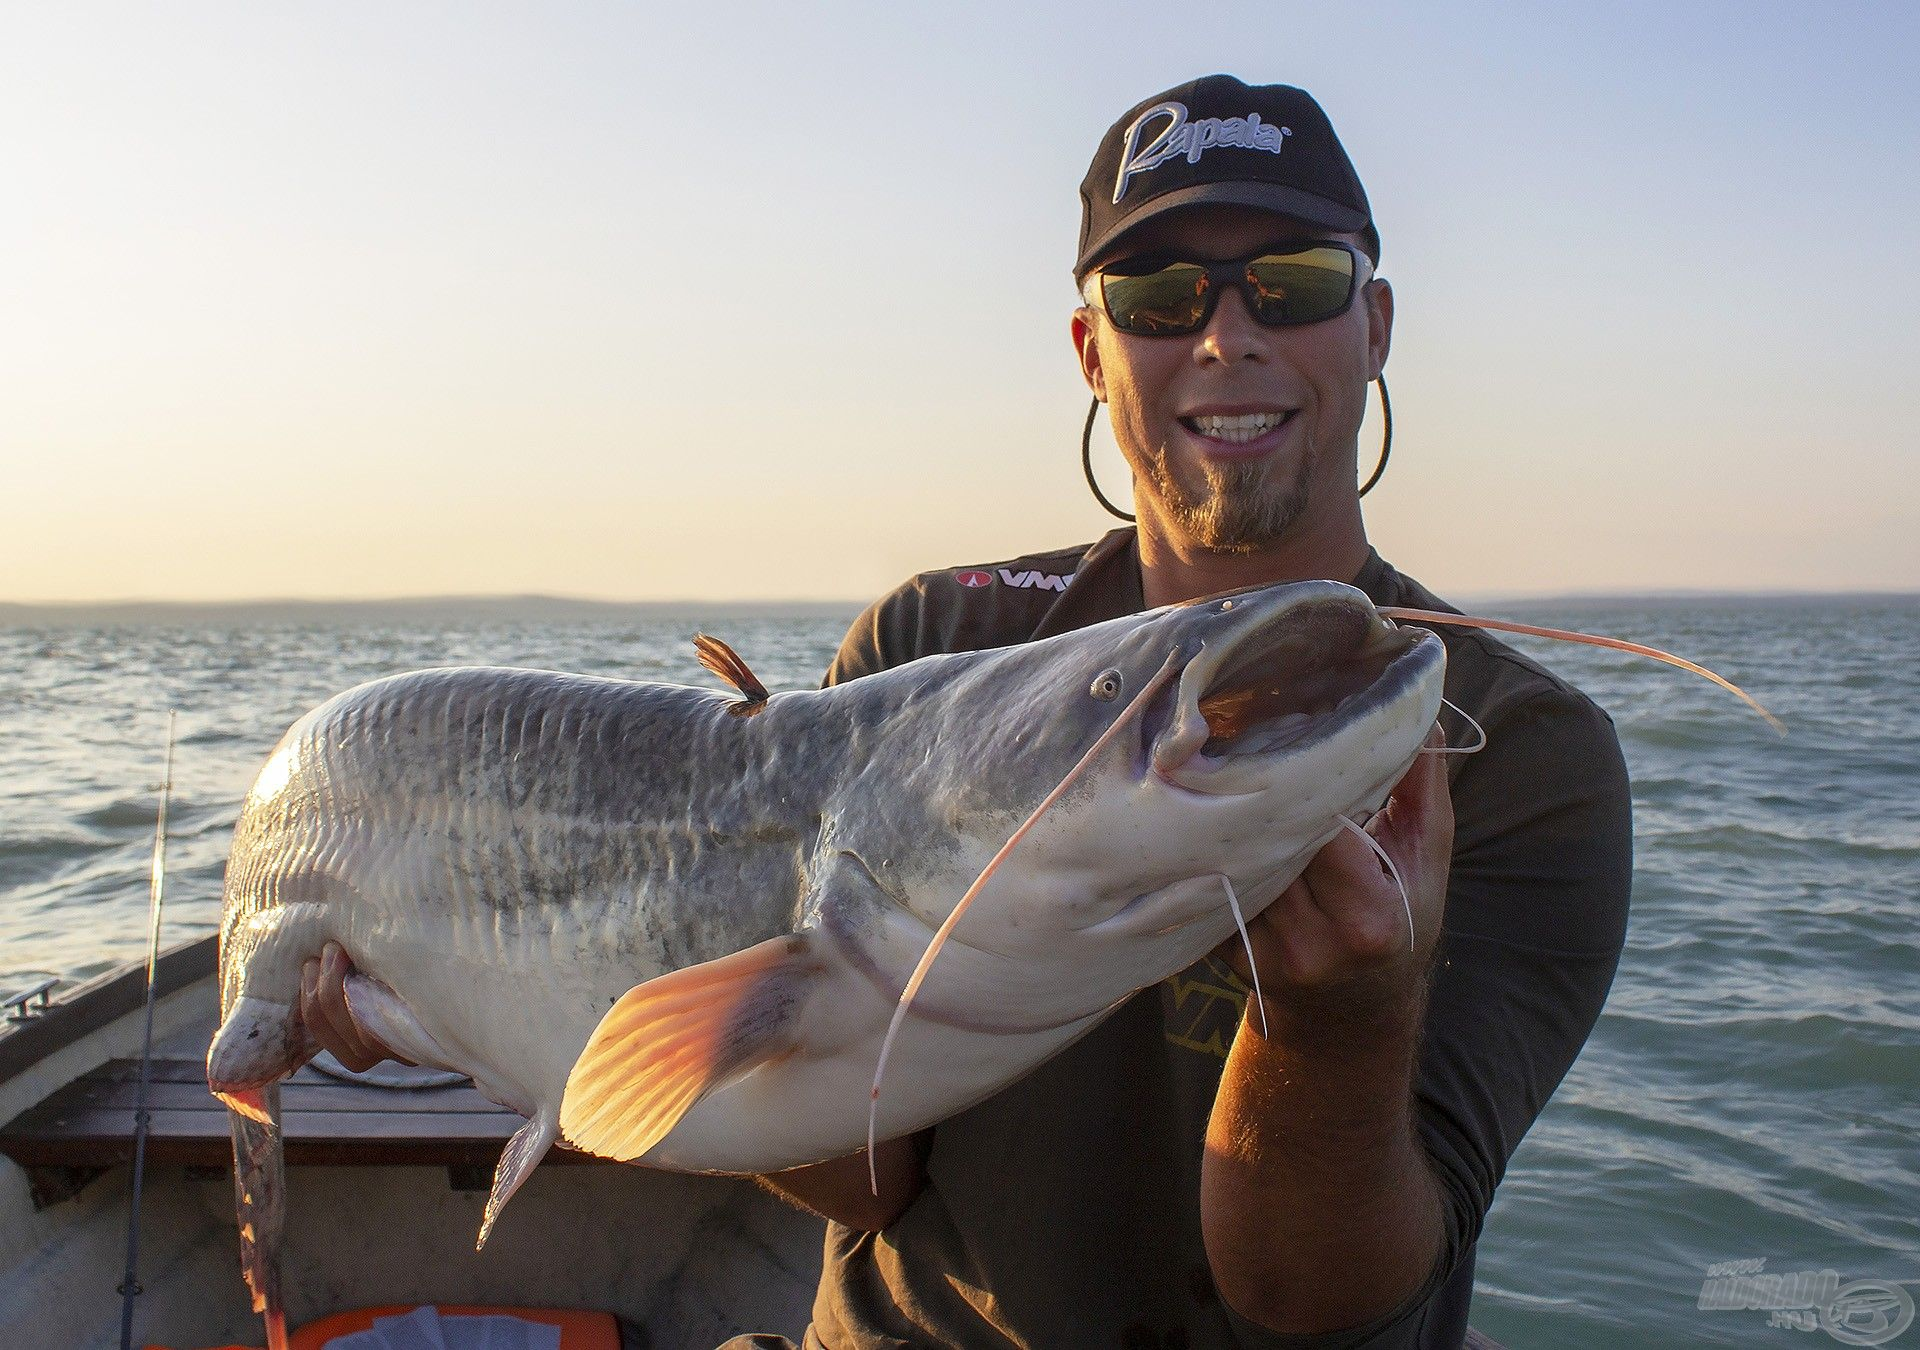 Nagy Gábor balatoni pergető horgász, akinek a vízzel és a halakkal való napi kapcsolat nemcsak a hobbiját, hanem a hivatását is jelenti. Kedvencei a balinok, a fogasok és a csukák, de bármely ragadozóra szívesen perget